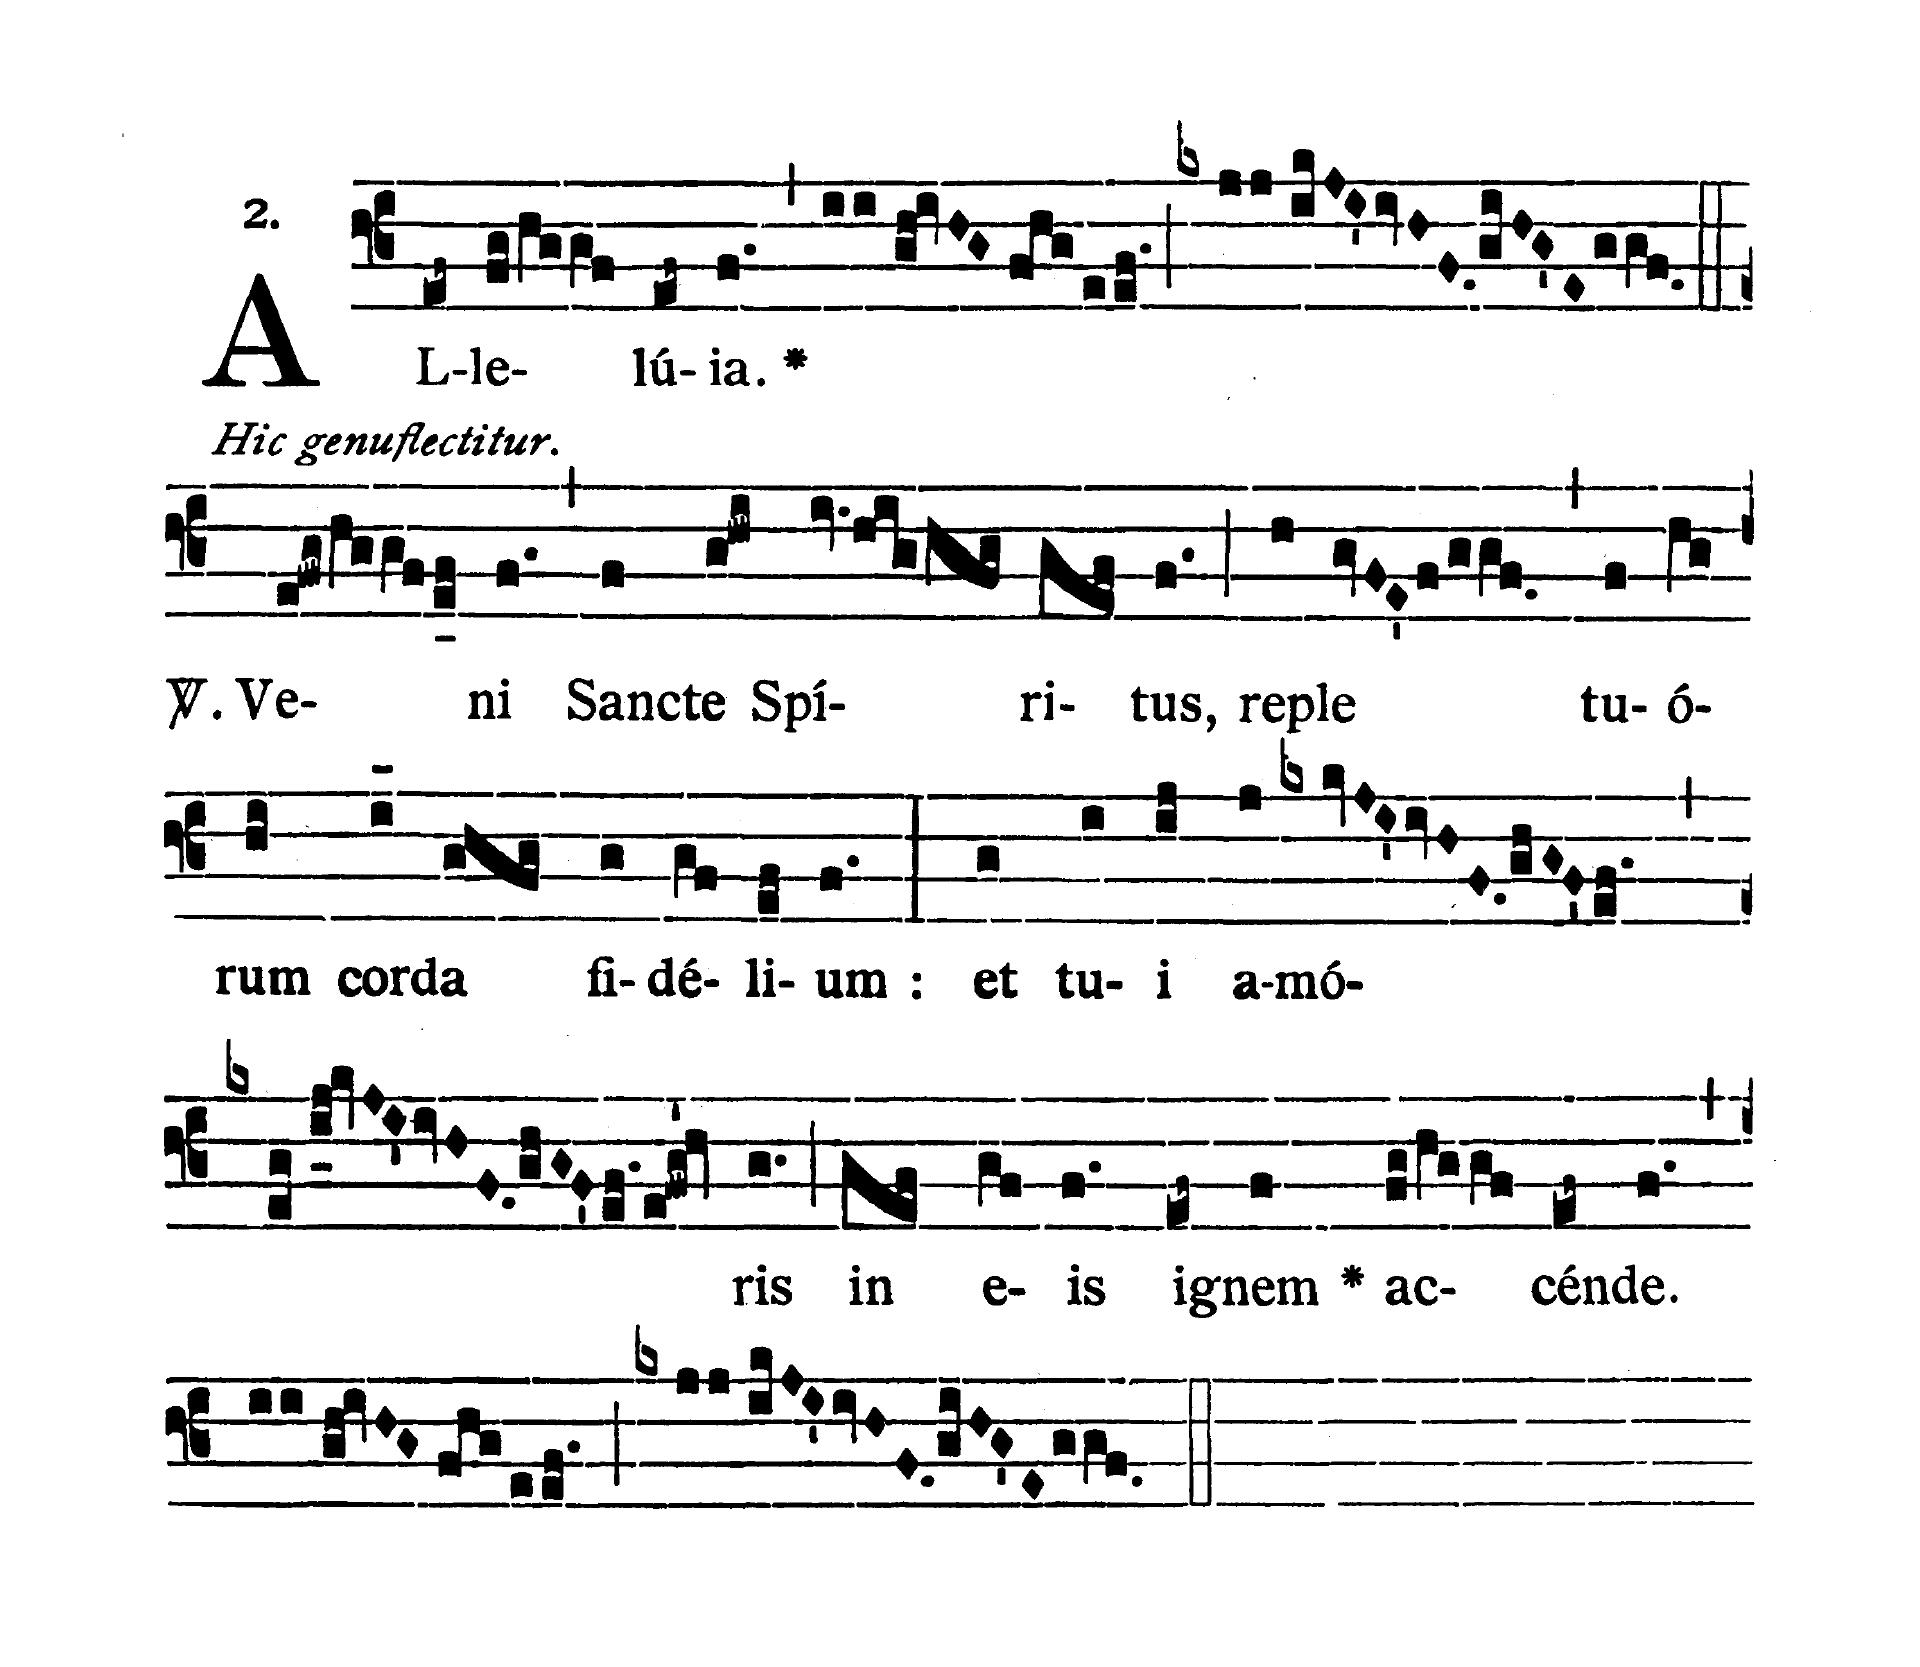 Feria tertia infra Octavam Pentecostes (Wtorek w oktawie Zesłania Ducha Świętego) - Alleluia secunda (Veni Sancte Spiritus)